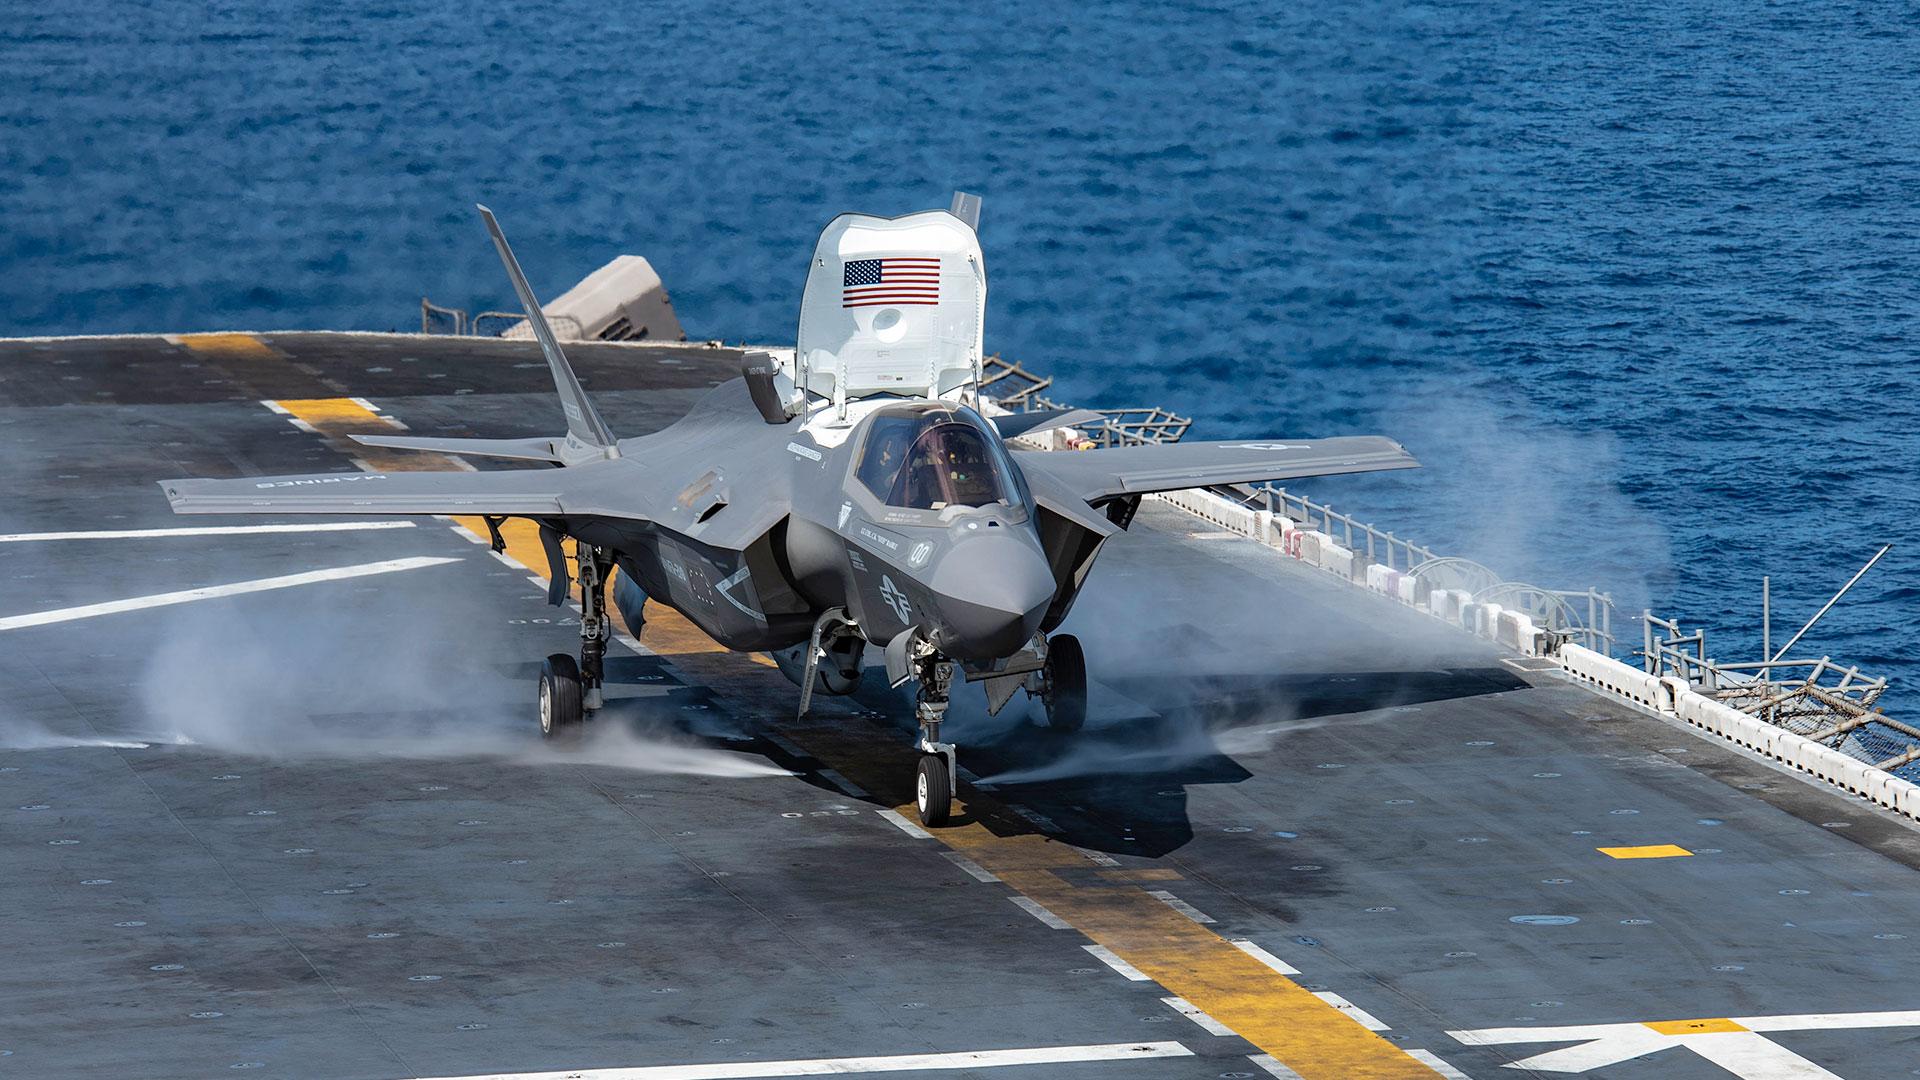 Un F-35 despegando desde un portaaviones (AFP)